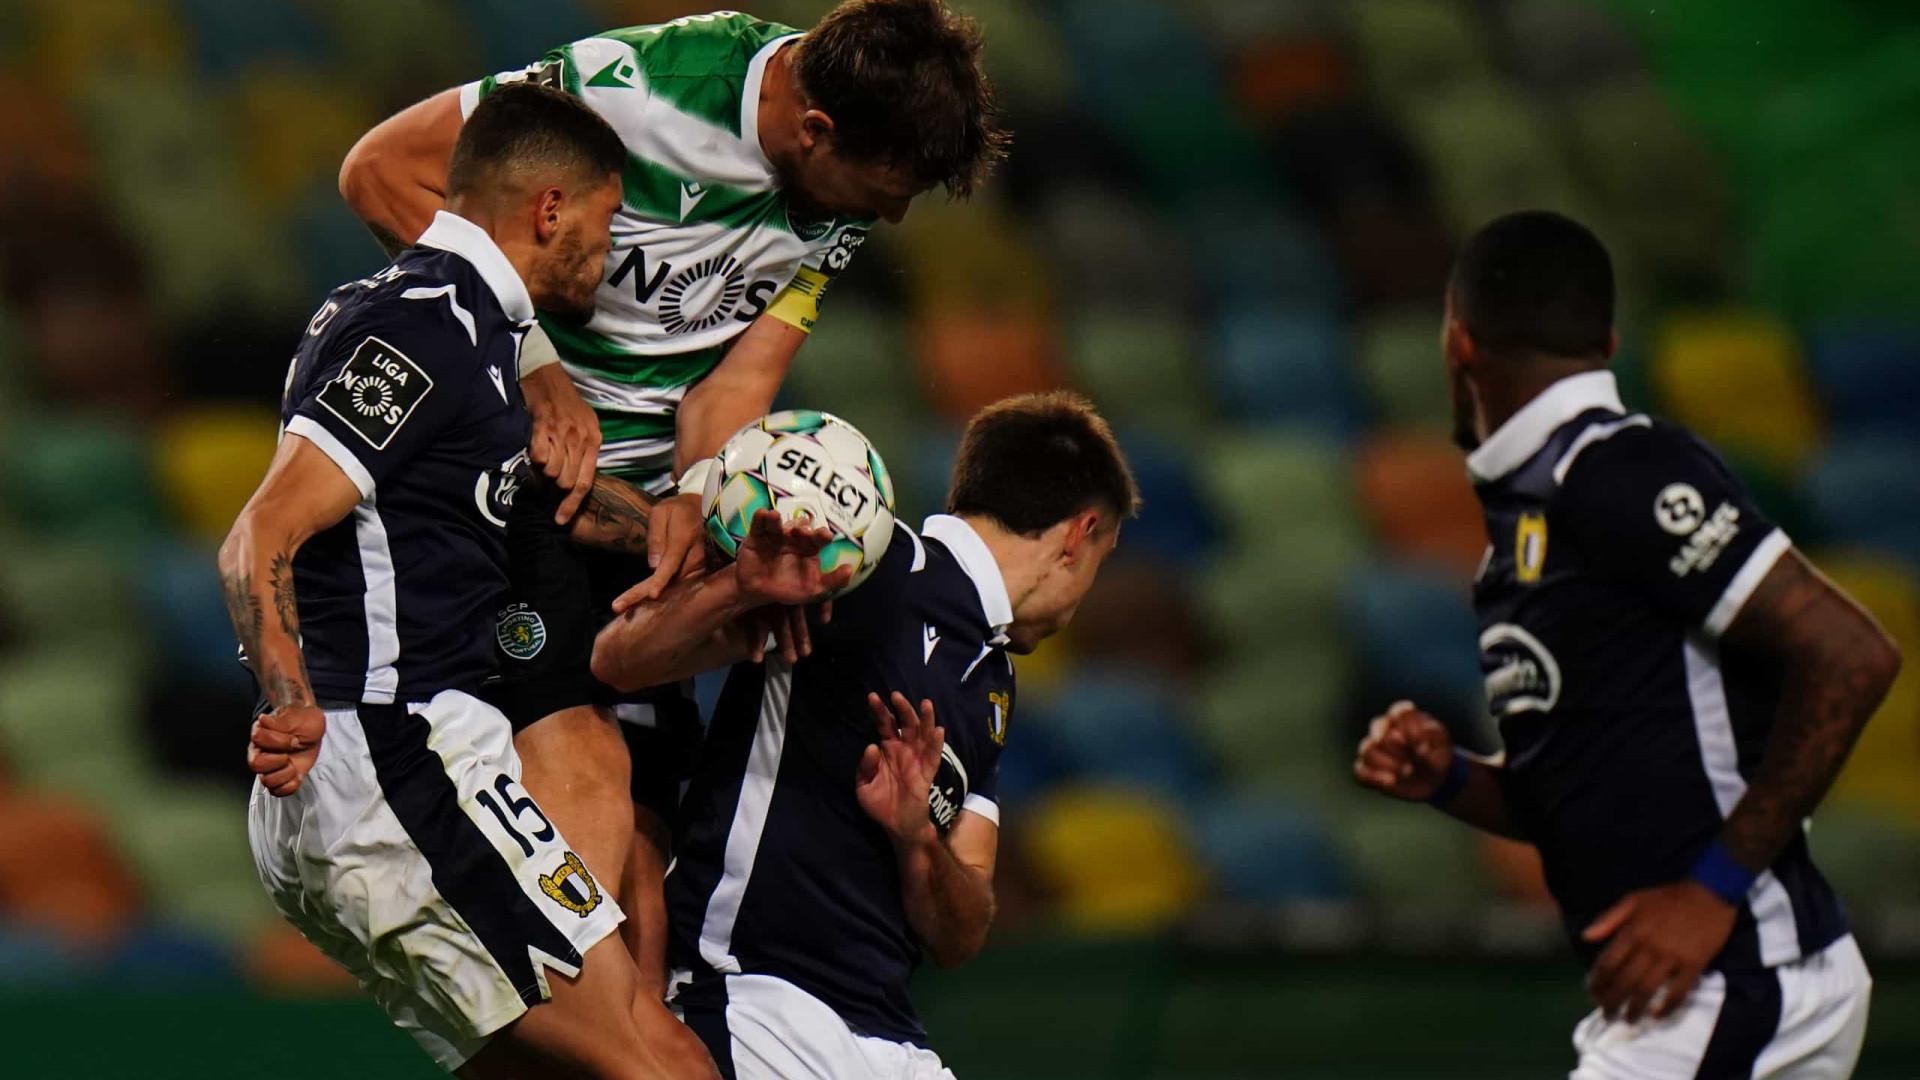 """Jogadores do Sporting reagem ao empate com o Famalicão: """"Contra todos"""""""